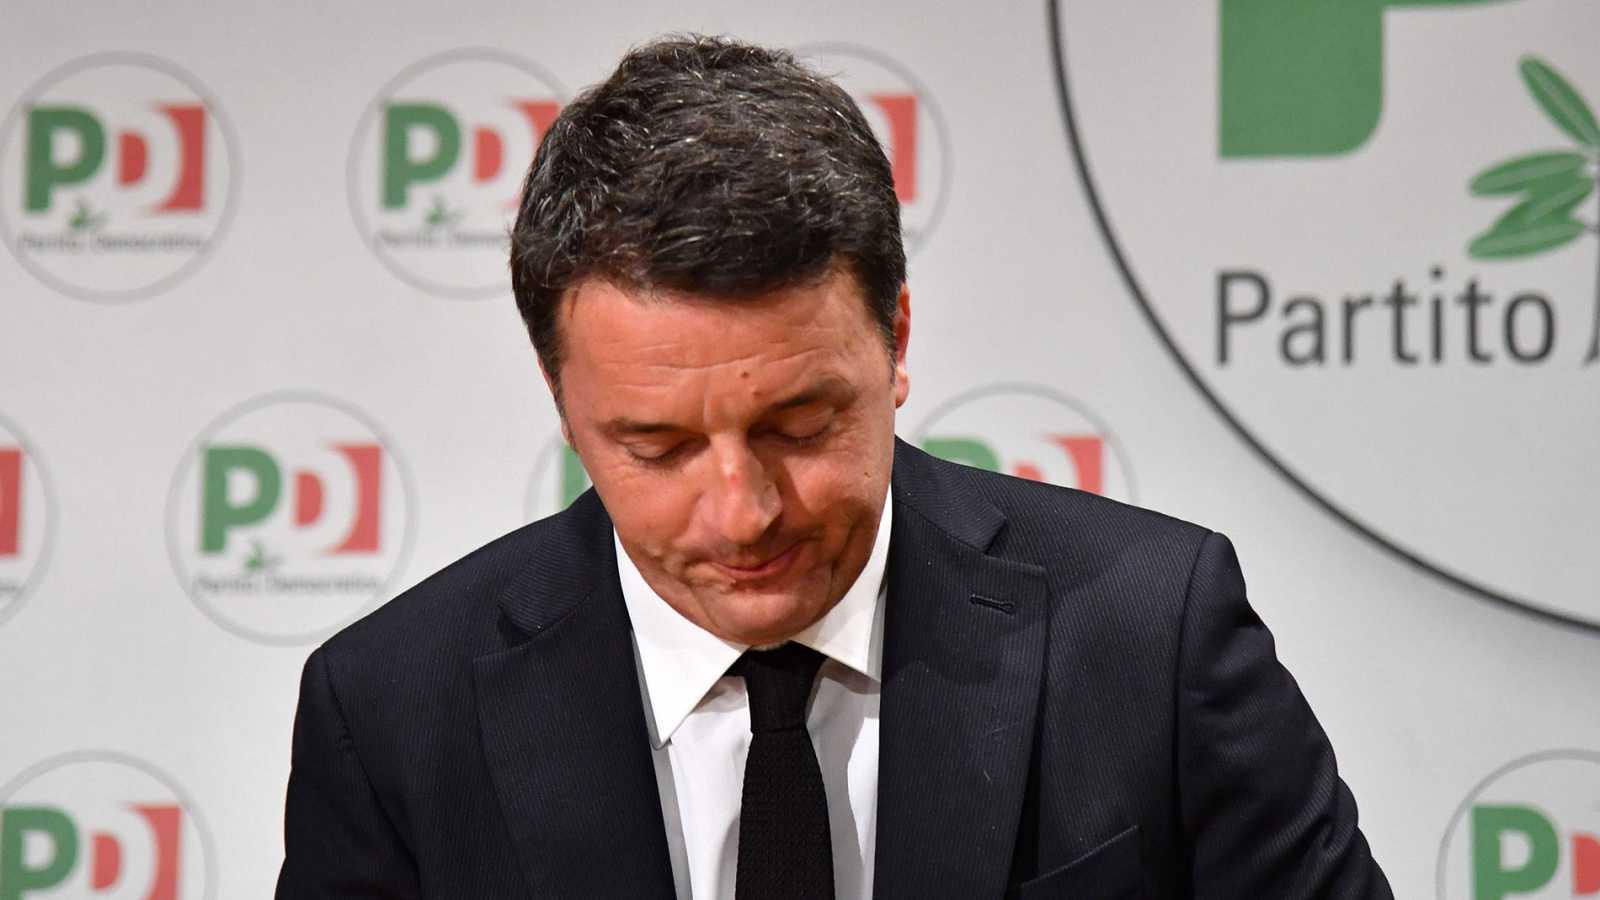 Matteo Renzi anuncia su dimisión al frente del Partido Democrático por los malos resultados en las elecciones